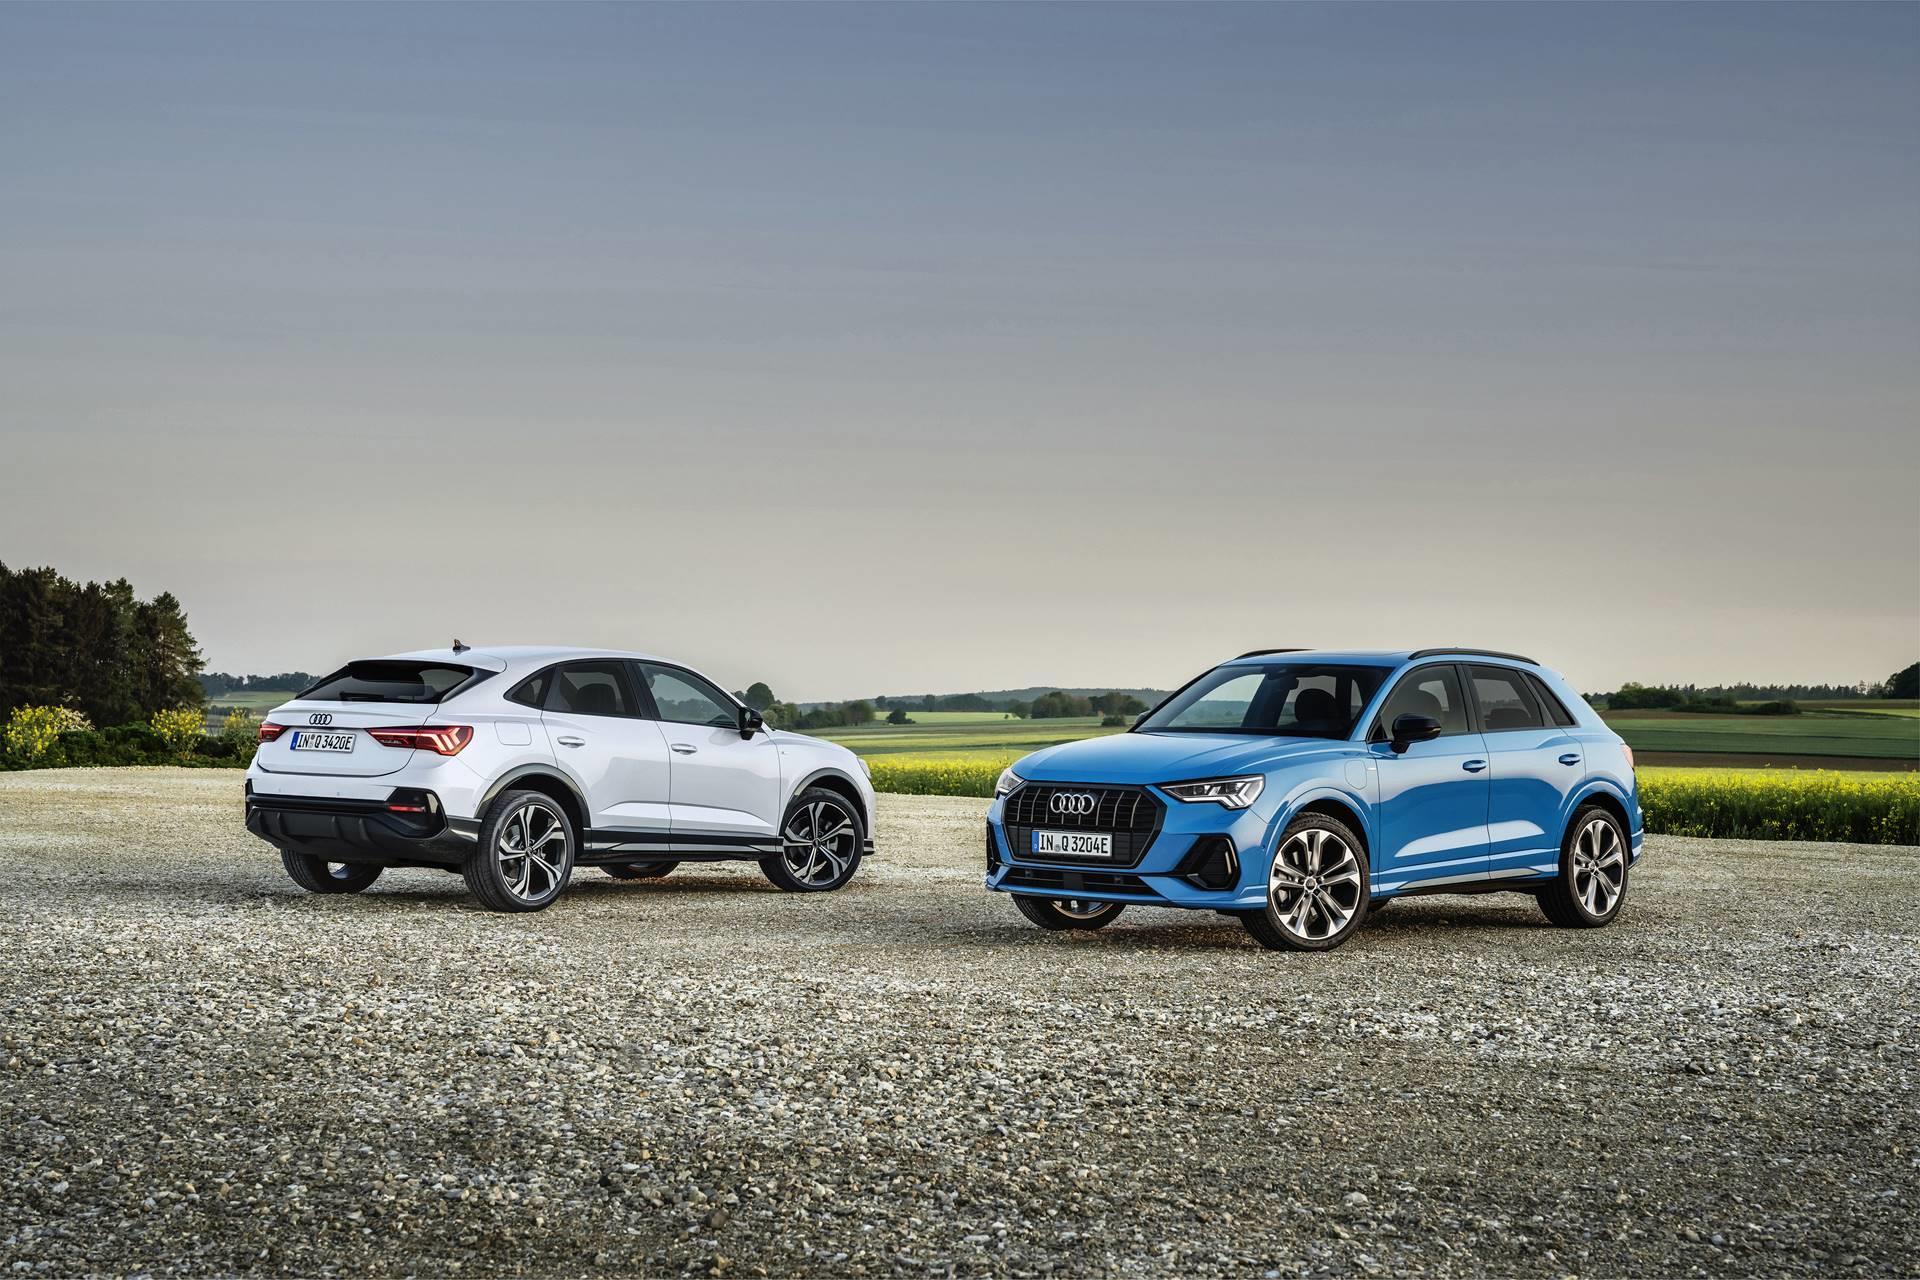 Kelebihan Kekurangan Audi Q 3 Spesifikasi